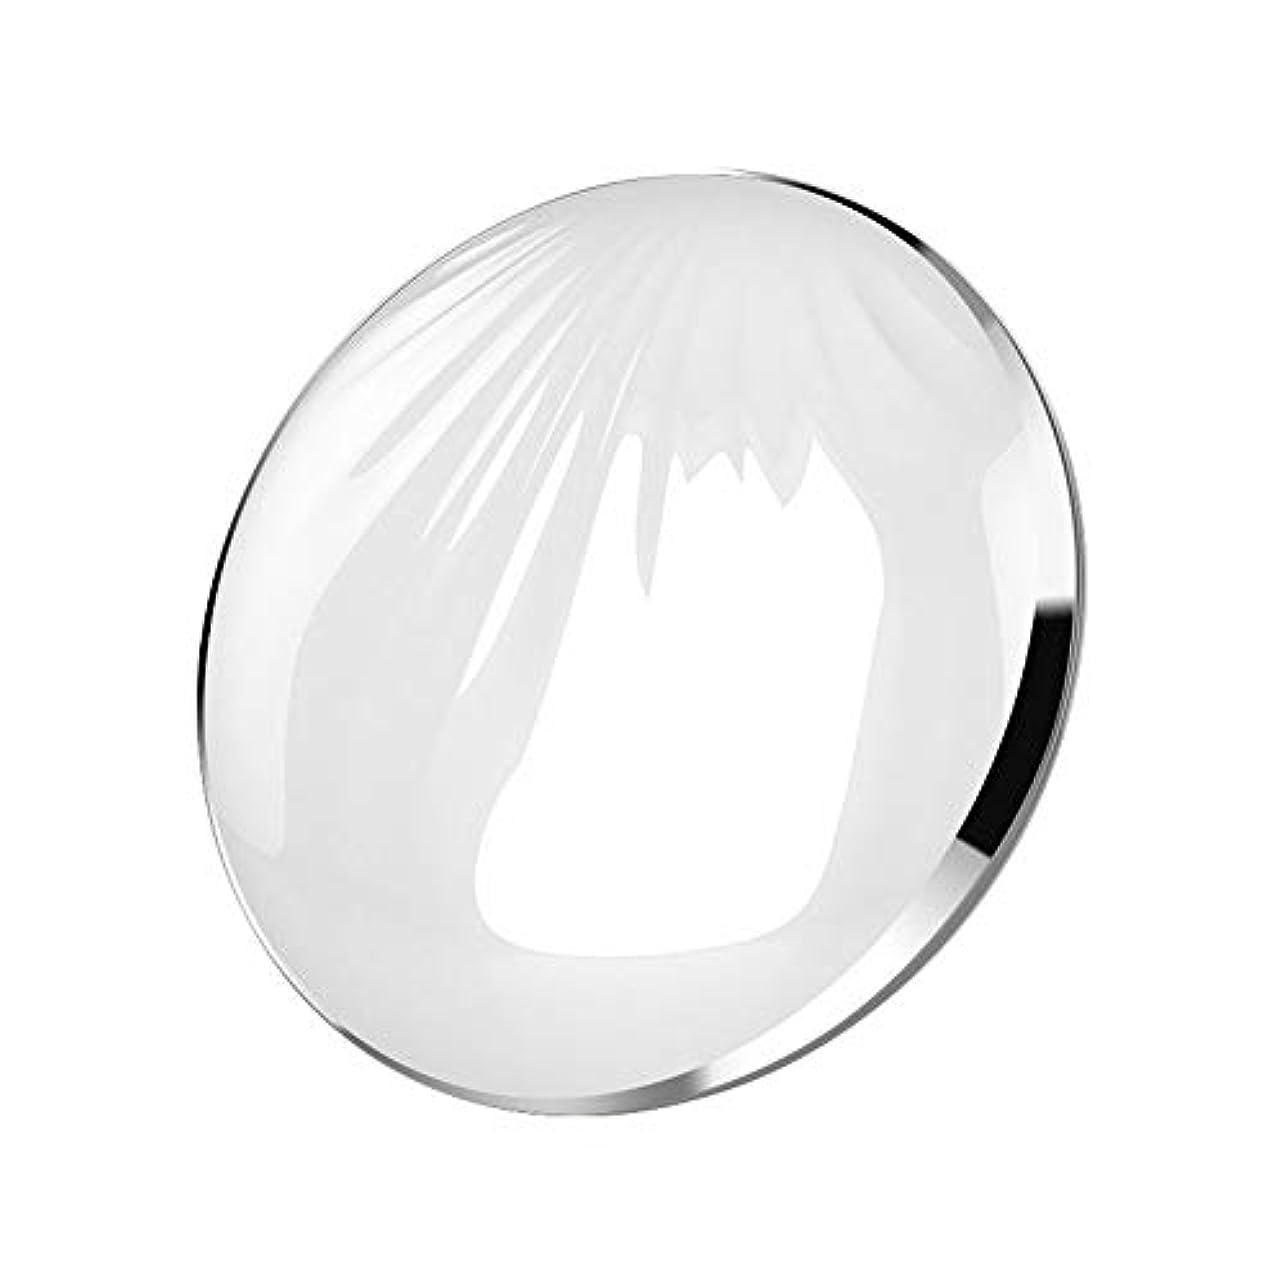 流行の クリエイティブled化粧鏡シェルポータブル折りたたみ式フィルライトusbモバイル充電宝美容鏡化粧台ミラーピンクシルバーコールドライトウォームライトミックスライト (色 : Silver)